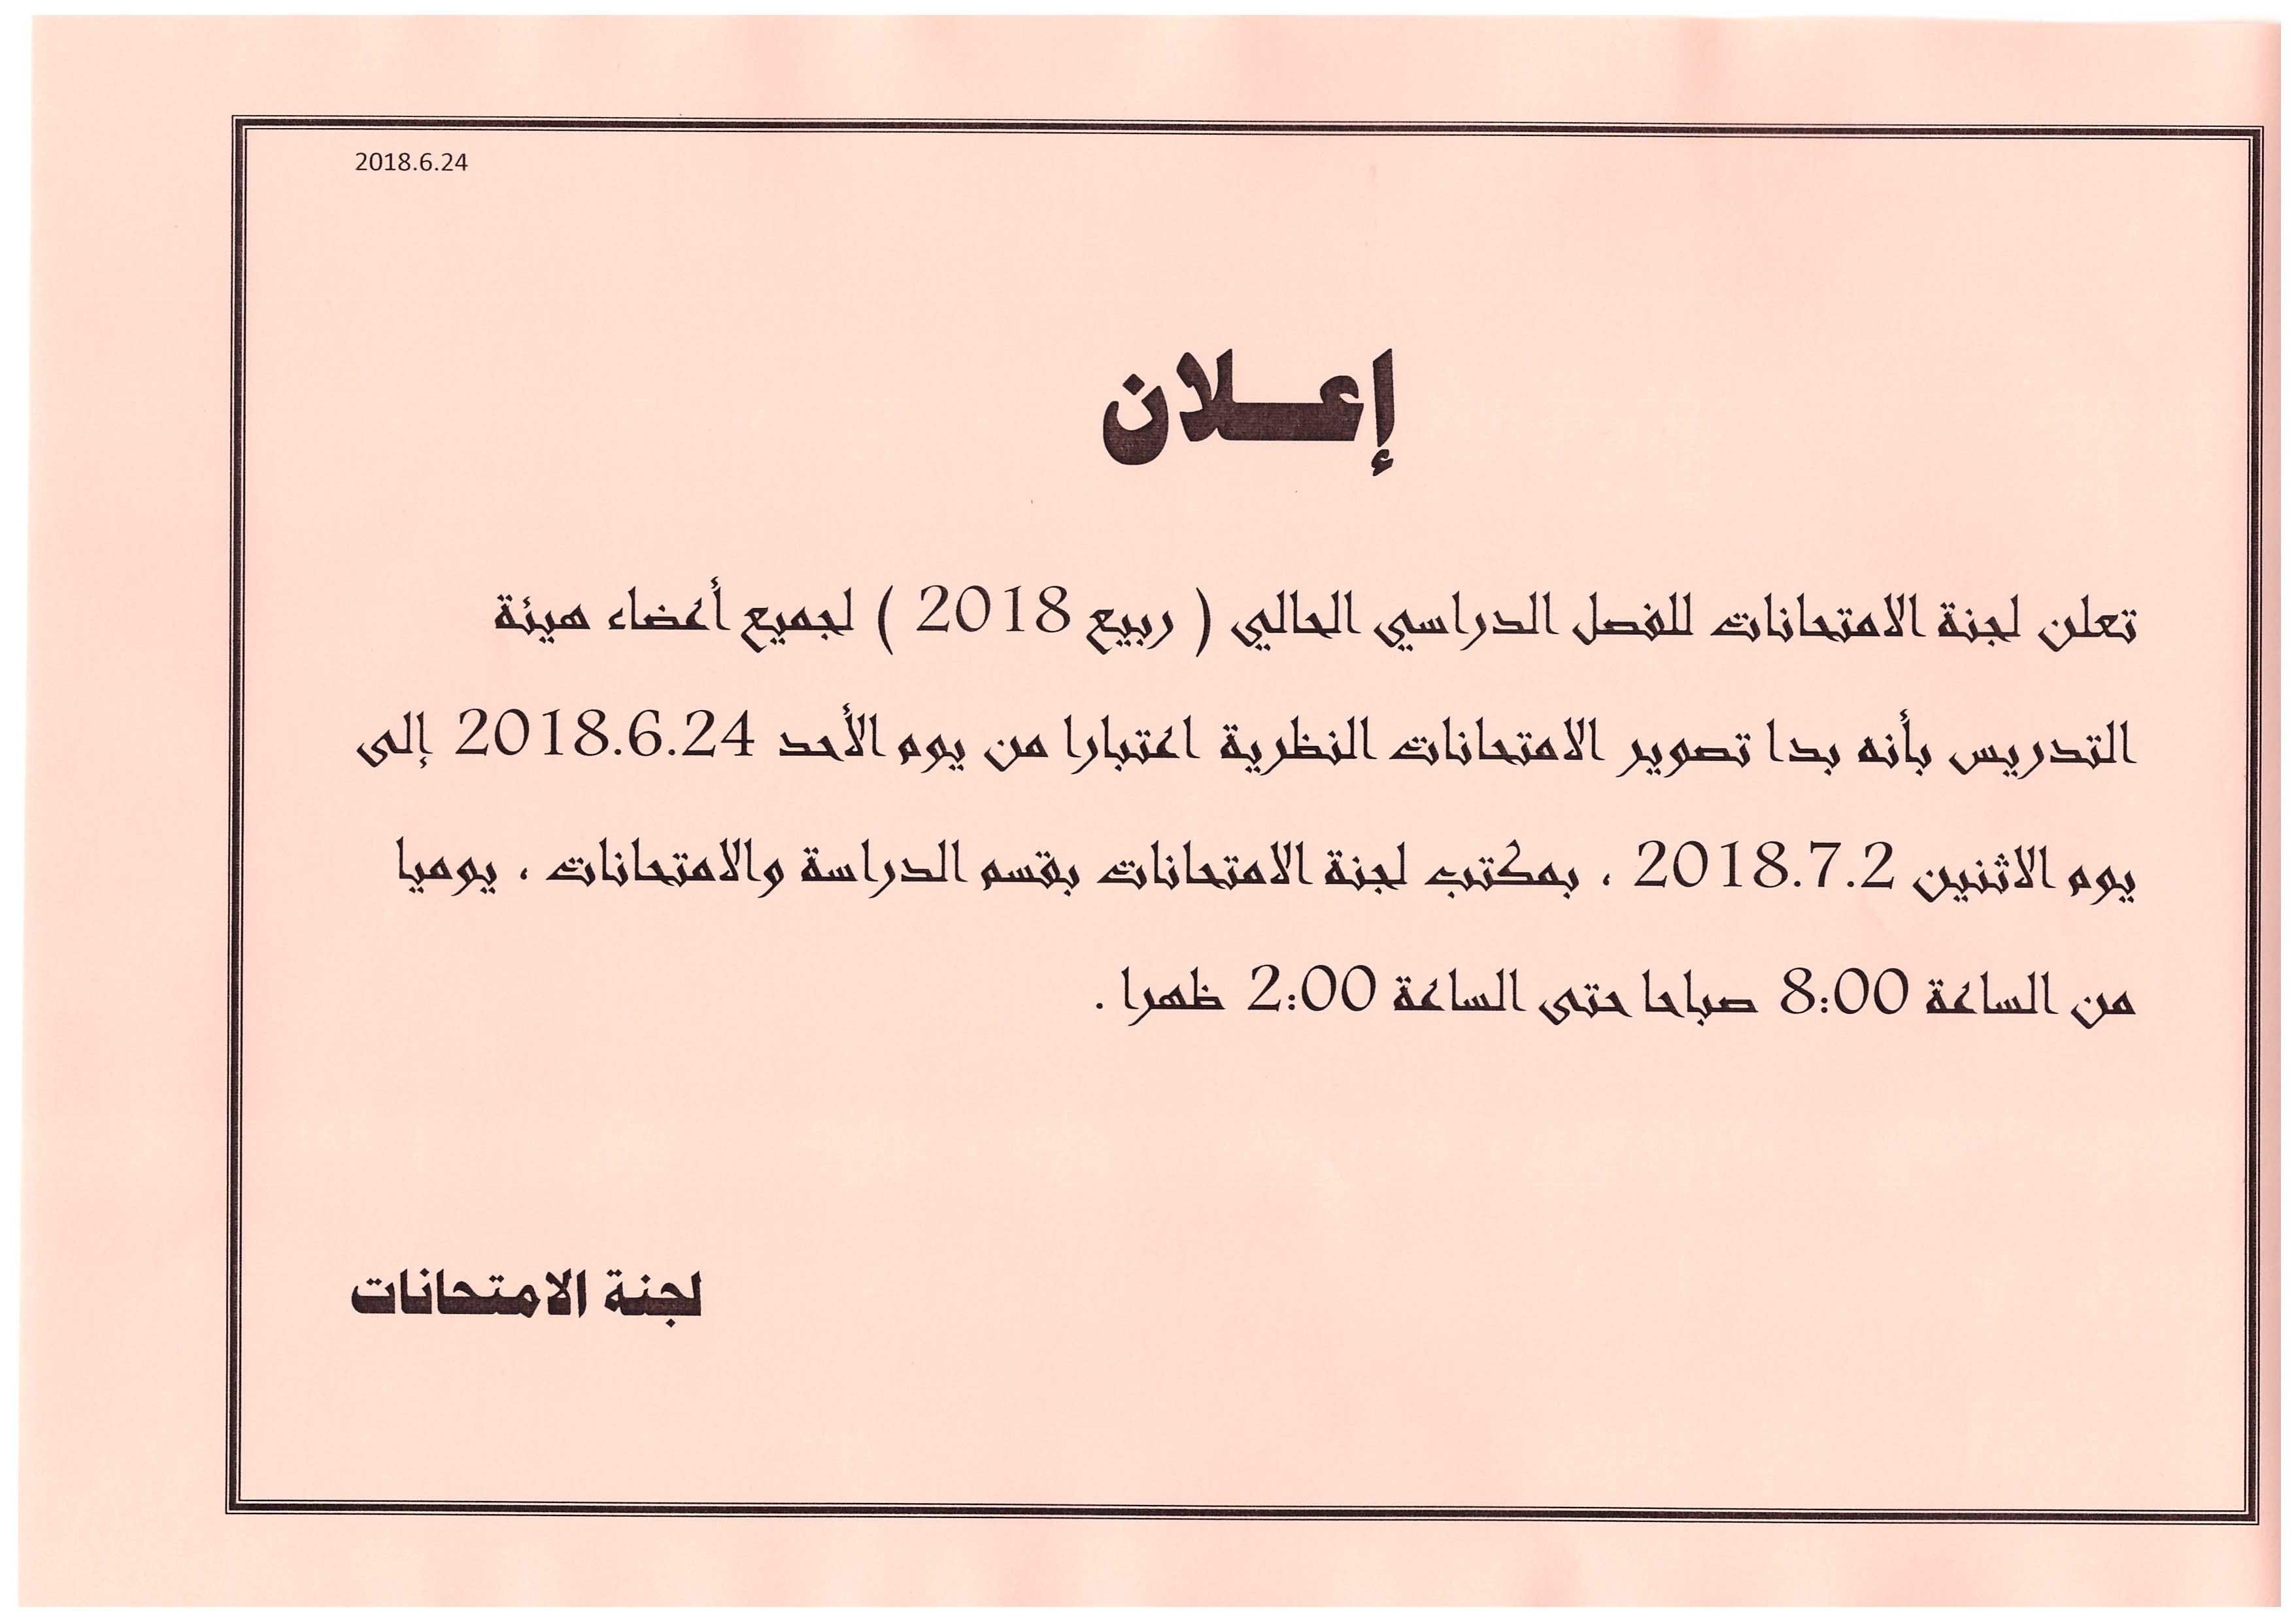 اعلانات لجنة الامتحانات ربيع 2018